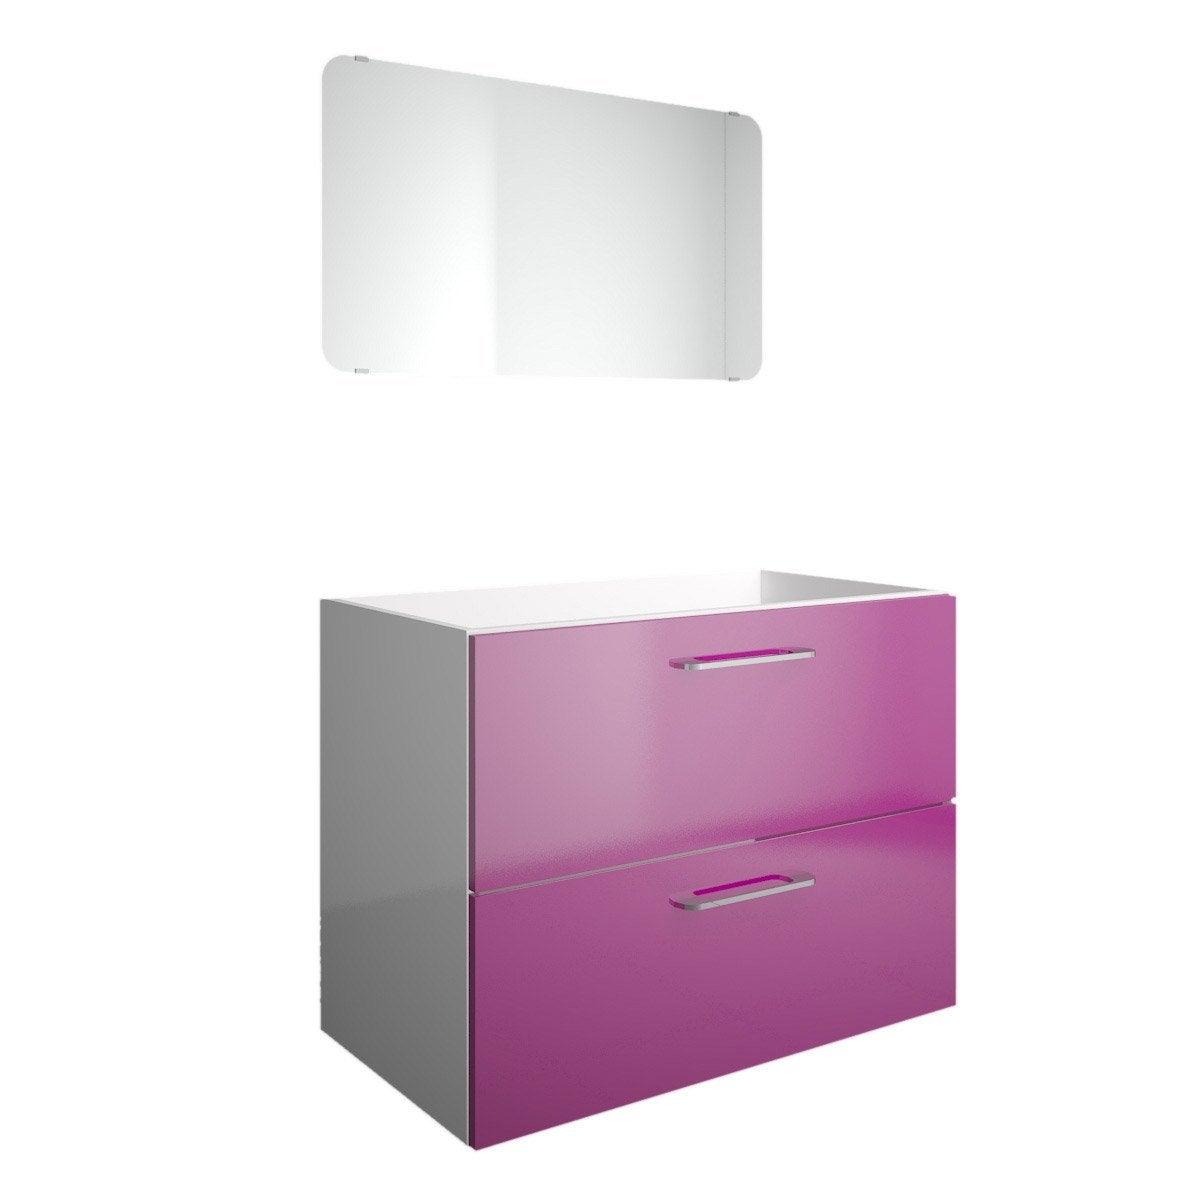 meuble sous vasque 2 tiroirs miroir x x cm violet happy leroy merlin. Black Bedroom Furniture Sets. Home Design Ideas